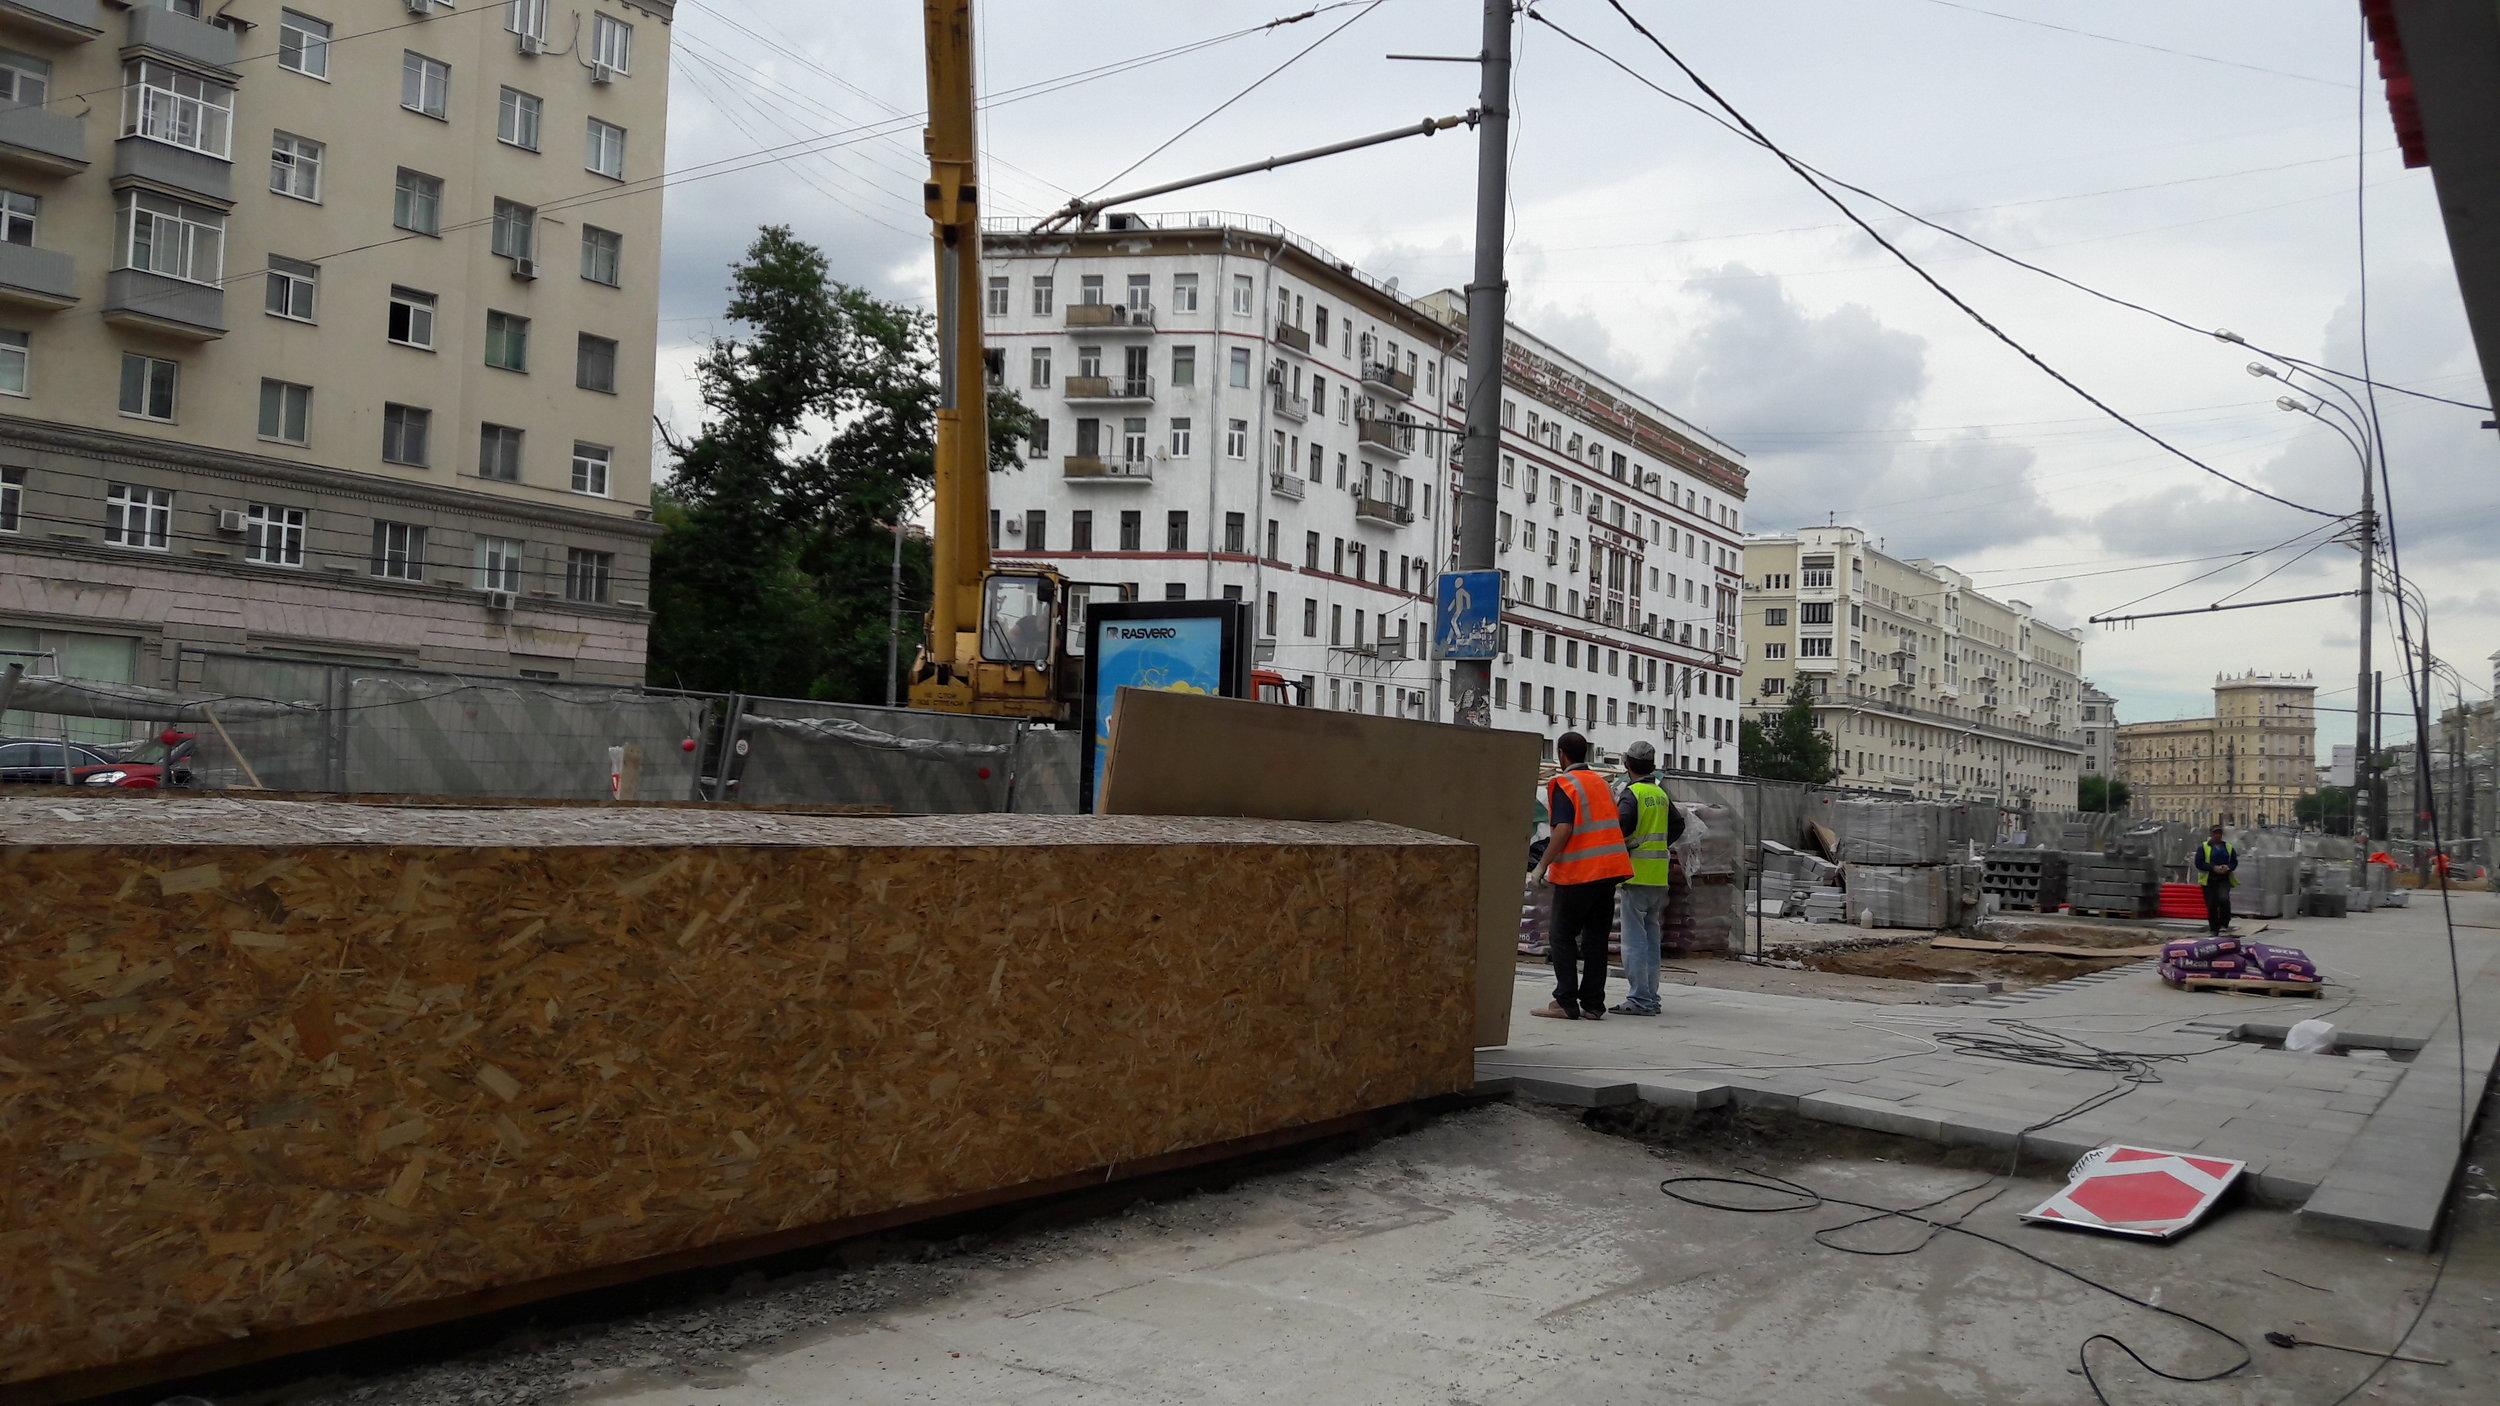 Sadovoje kolco se dle představitelů města, kteří narazili na nevoli místních,mělo nakonec bez trolejbusů obejít jen po dobu rekonstrukce ulice, jenže následovaly výmluva za výmluvou, proč se trolejbusy ještě nevrátí, a dnes užnad tímto důležitým silničním okruhem Moskvy trolej spíše nevisí, než visí.